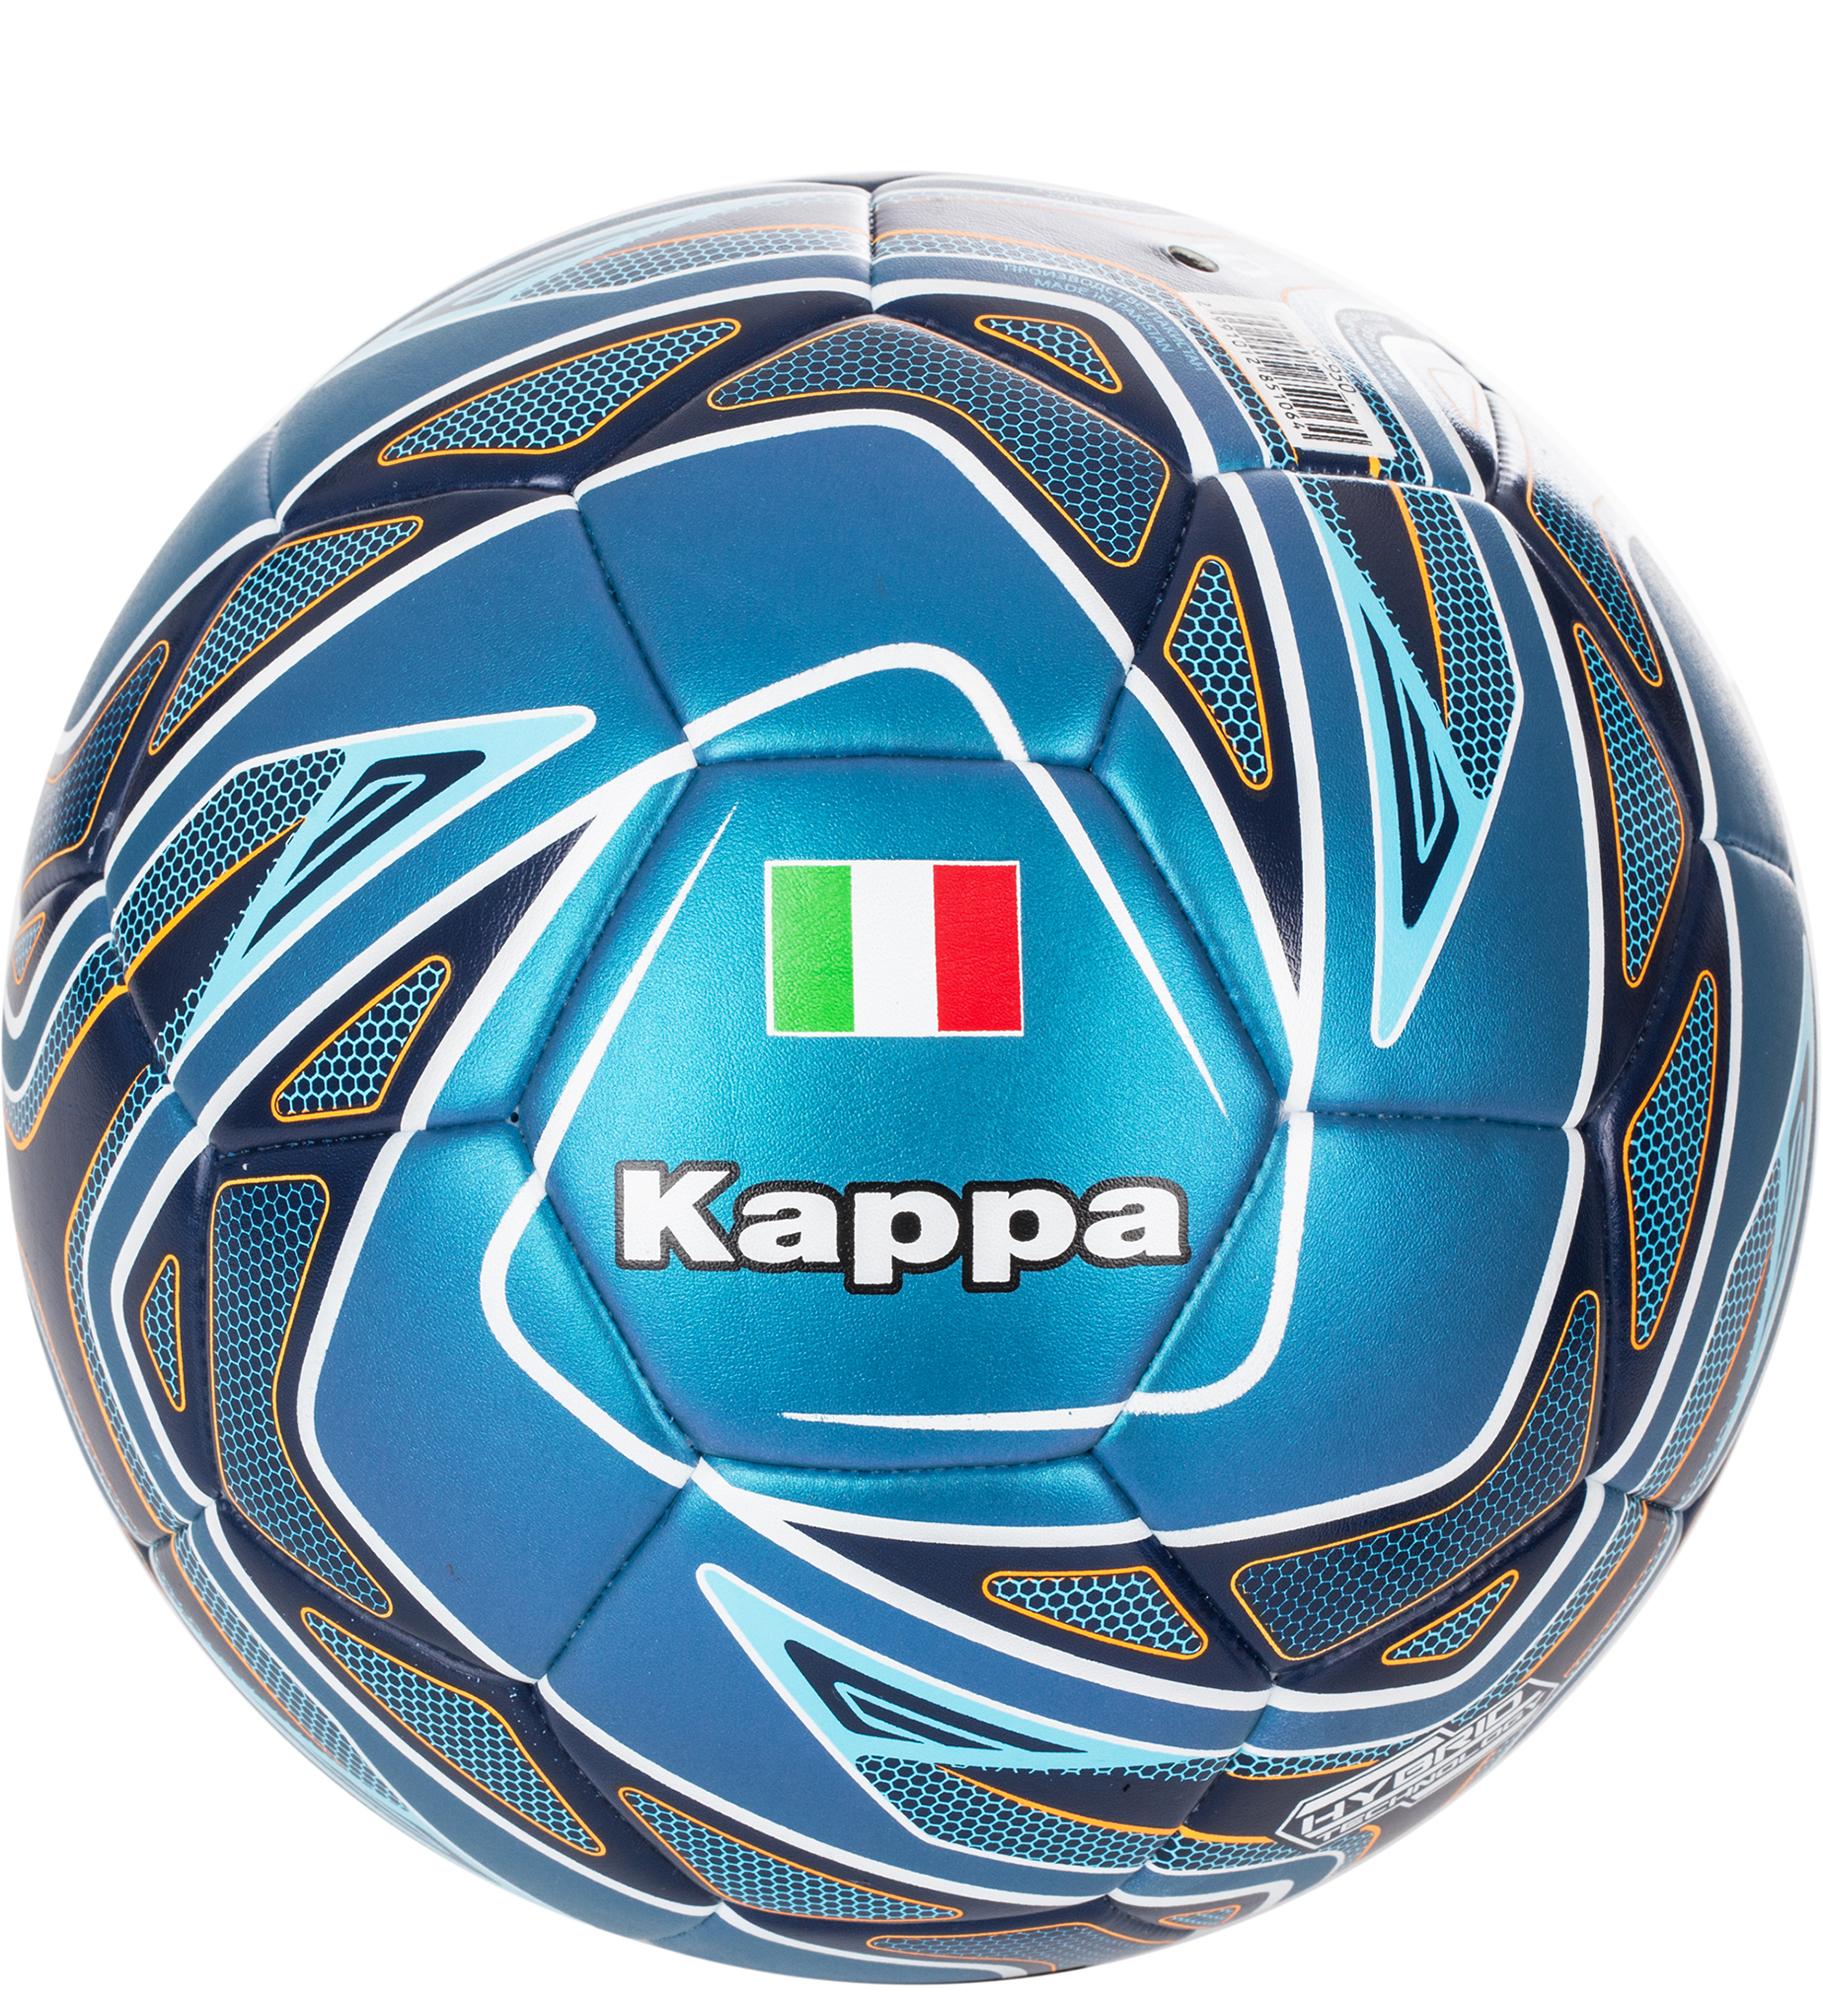 Kappa Мяч футбольный Kappa